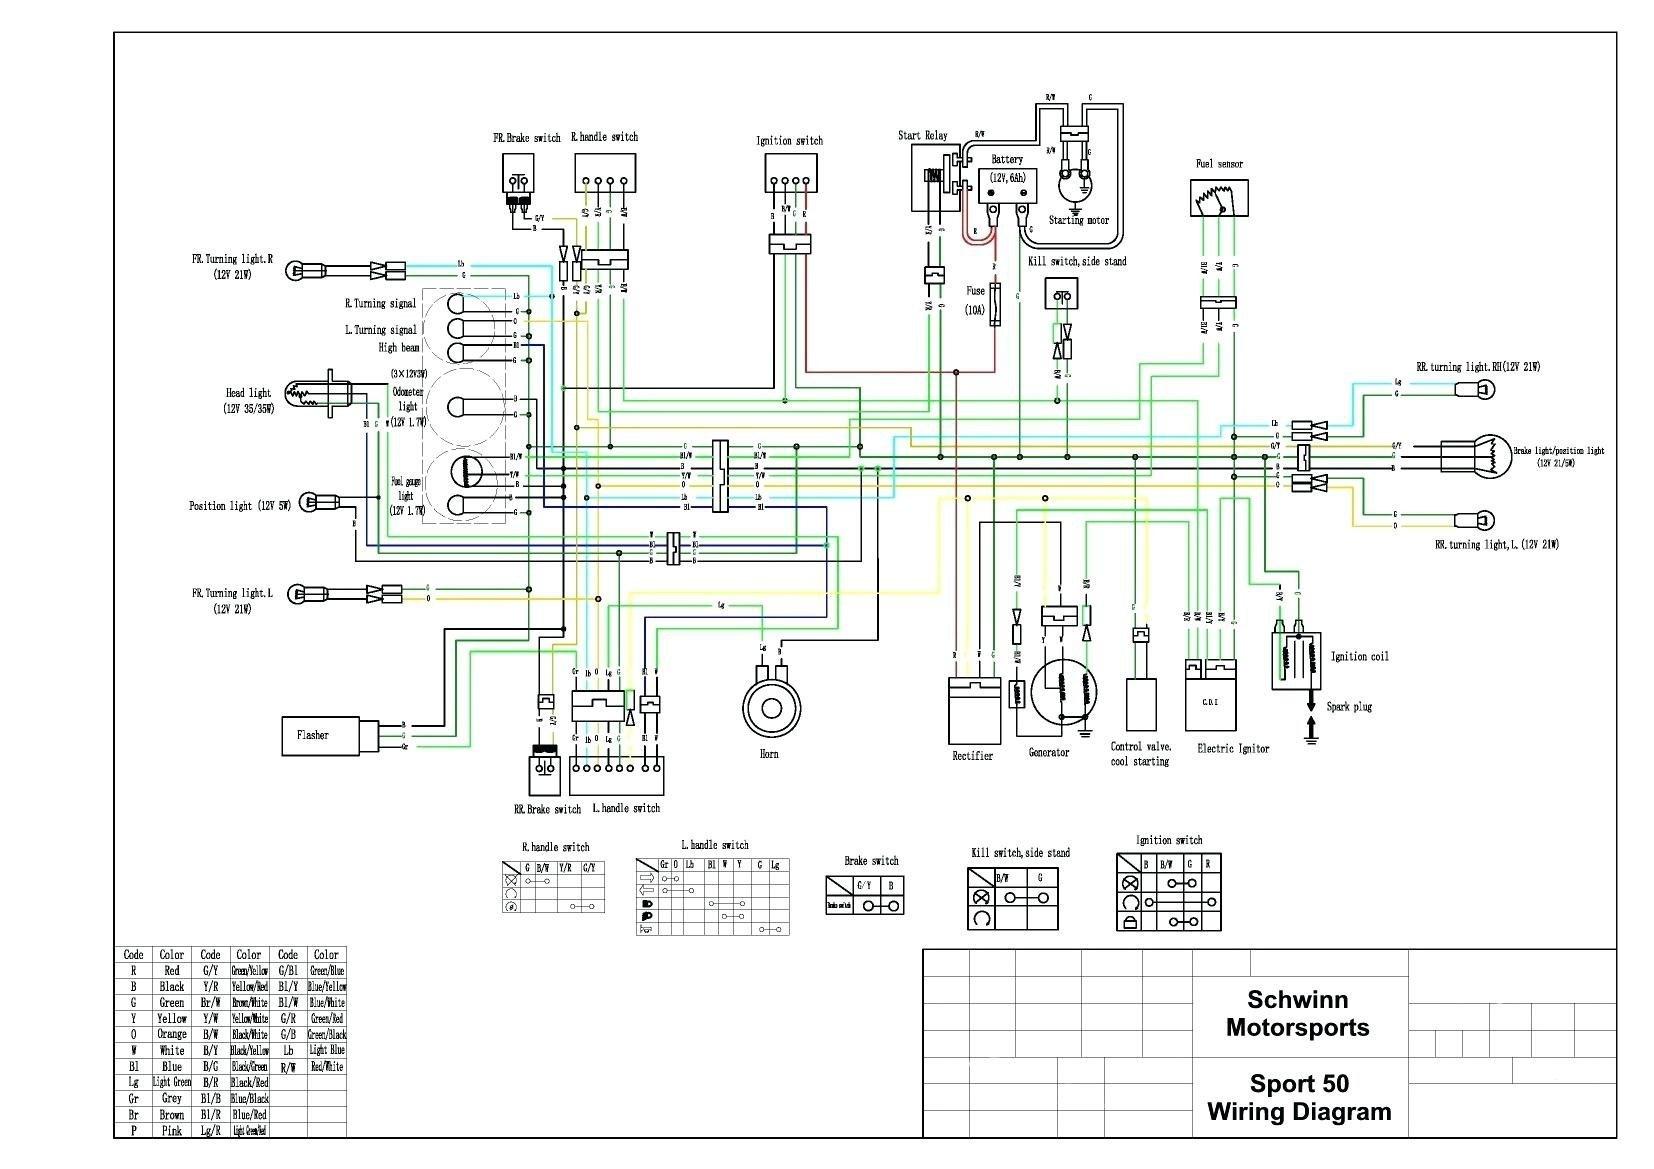 Tao Tao Ata 110 Wiring Diagram 100 Amp Fuse Box In House Cts Lsa Yenpancane Jeanjaures37 Fr